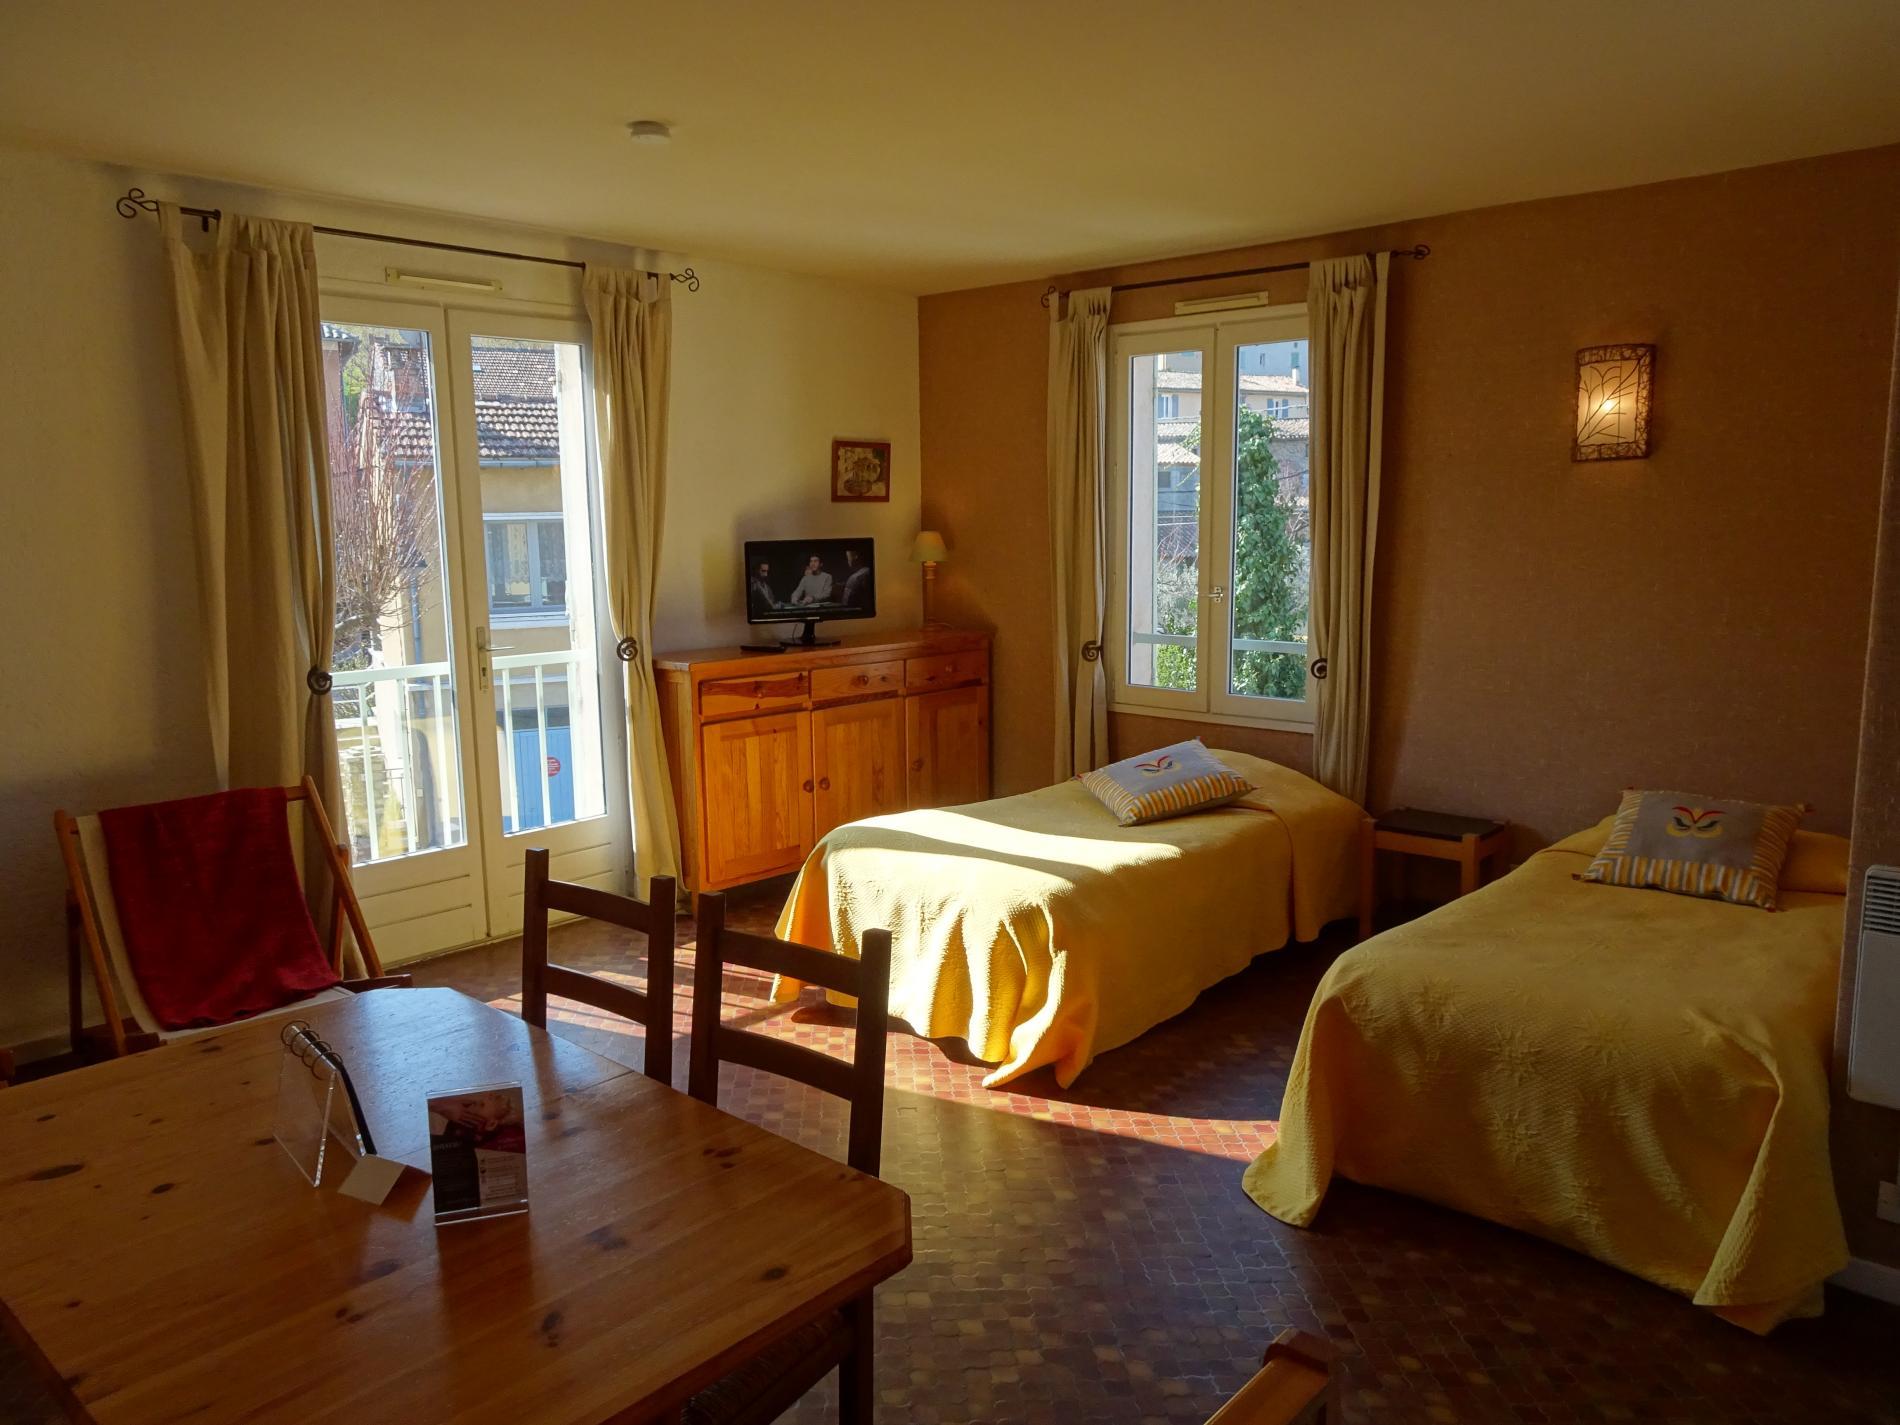 Appartement familial avec coin repas, lits jumeaux et chambre attenante